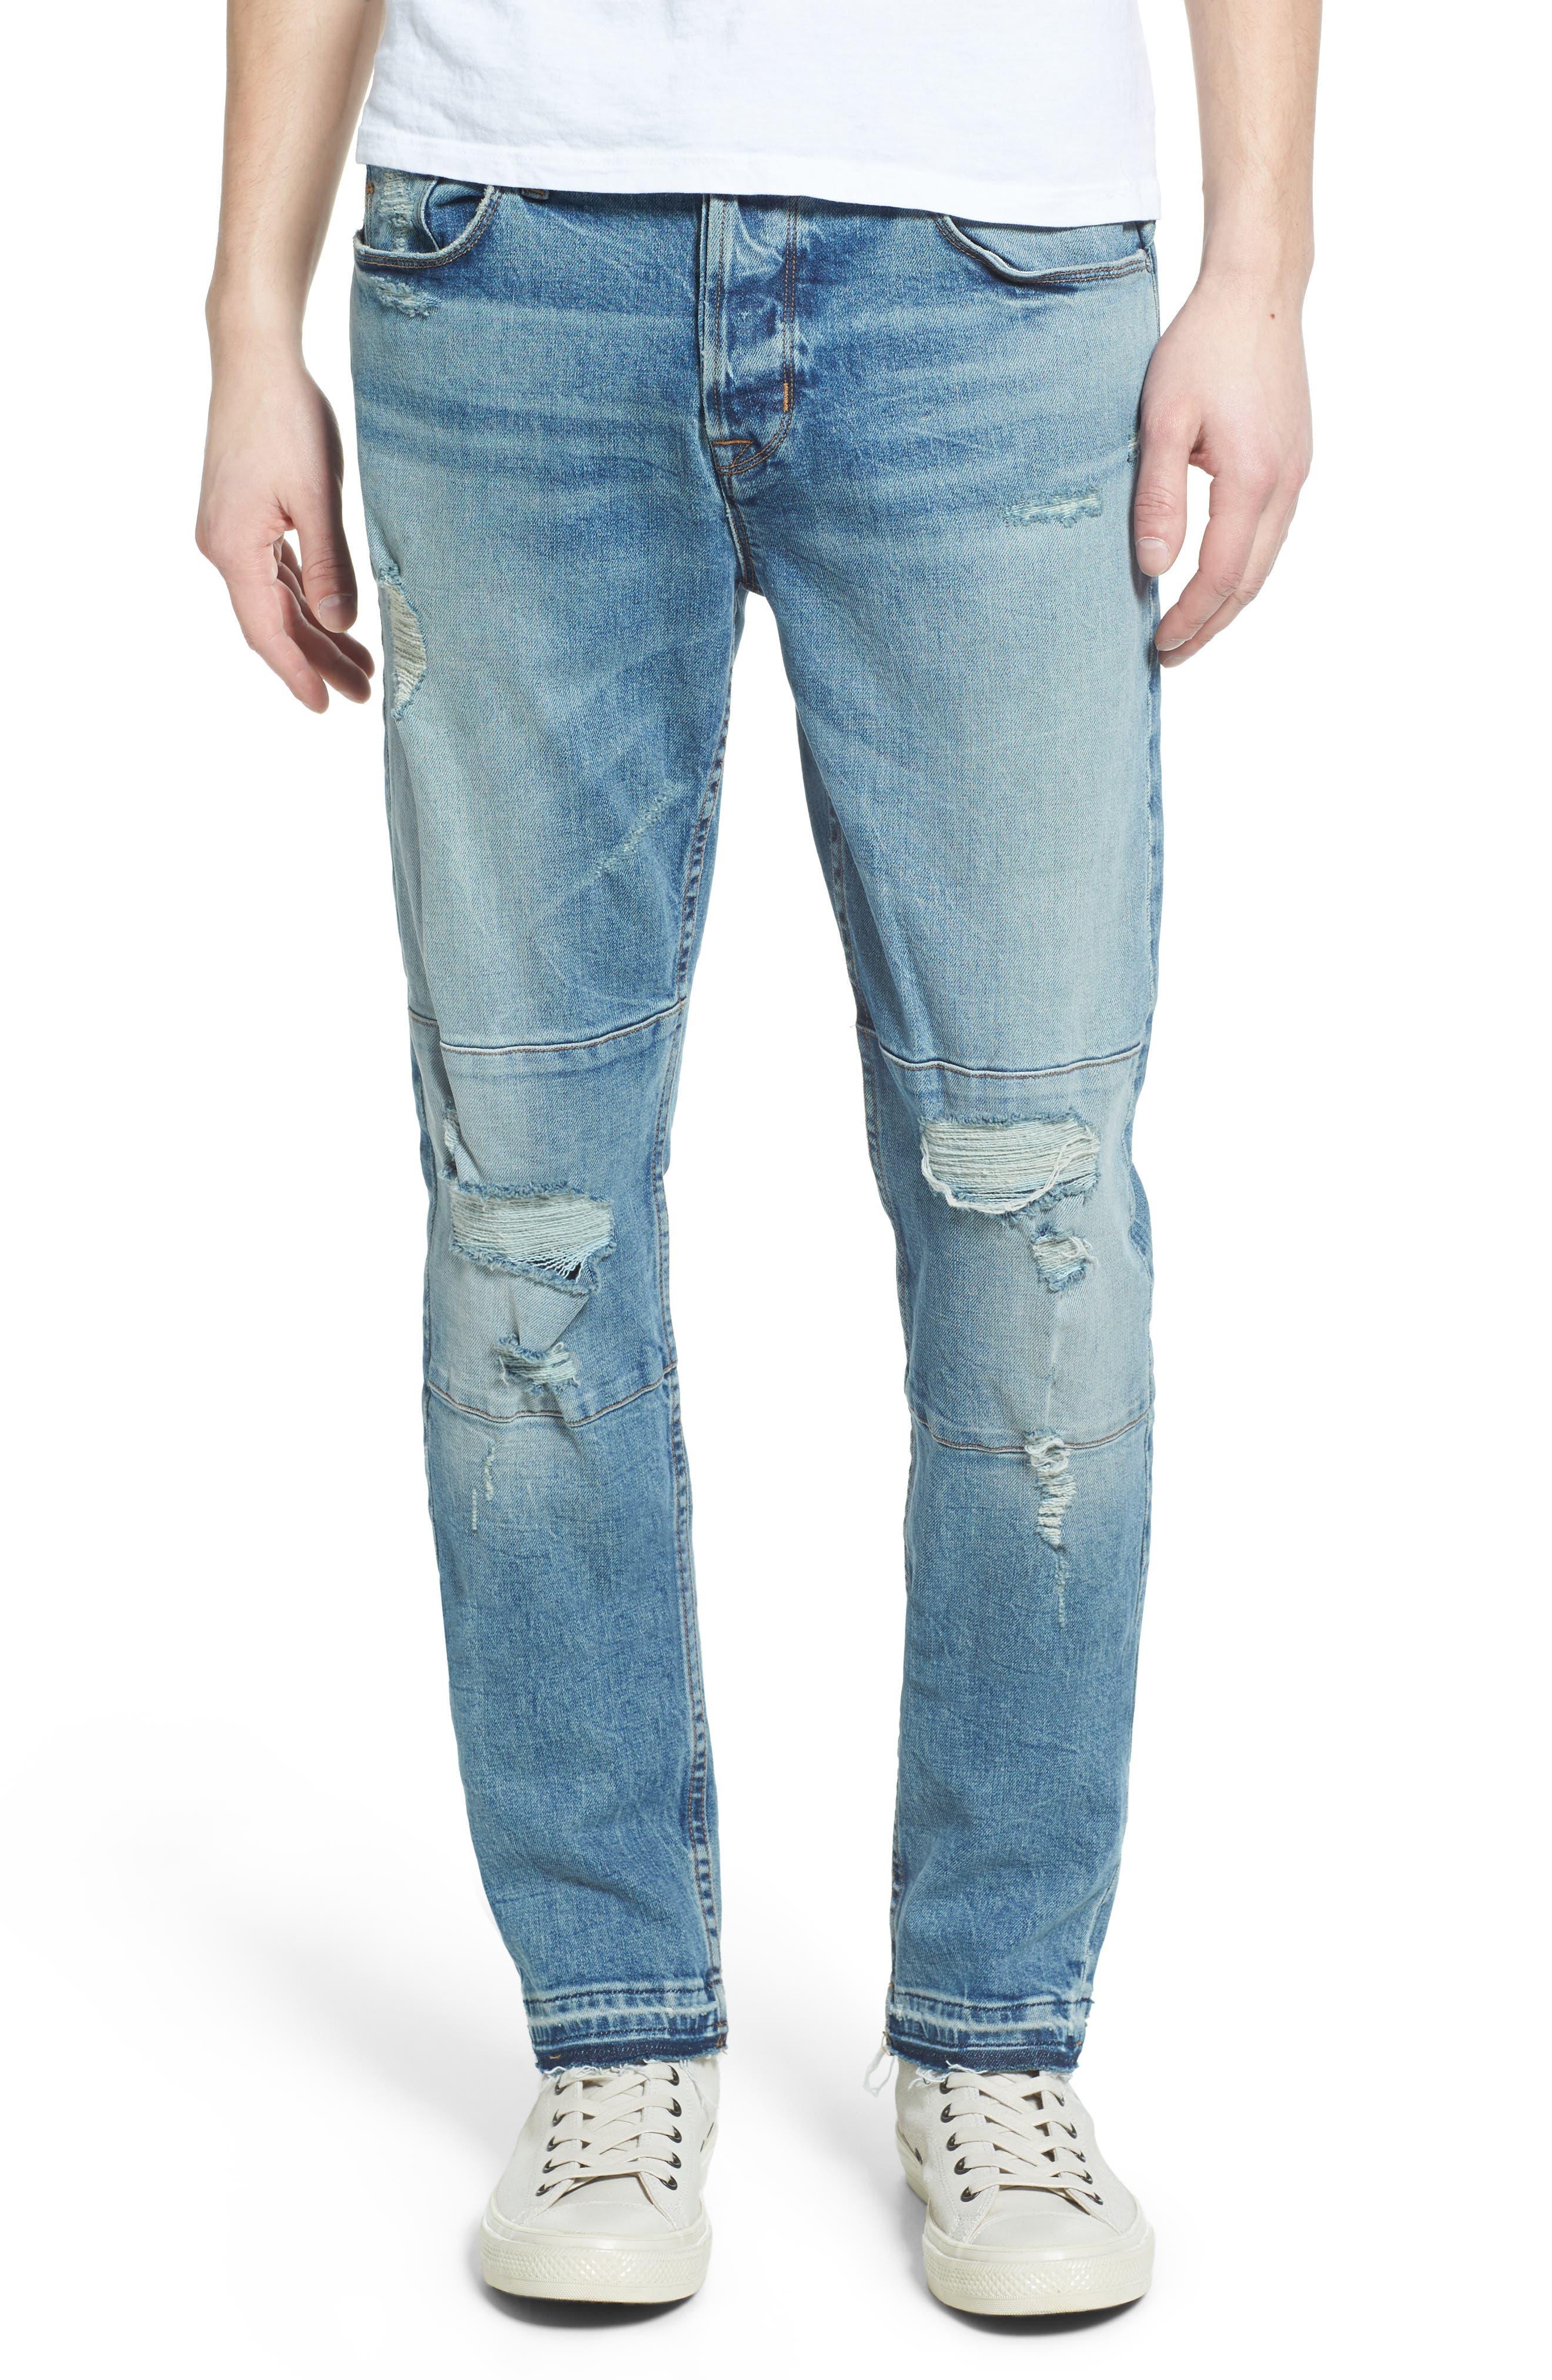 Main Image - Hudson Jeans Blinder Biker Skinny Fit Jeans